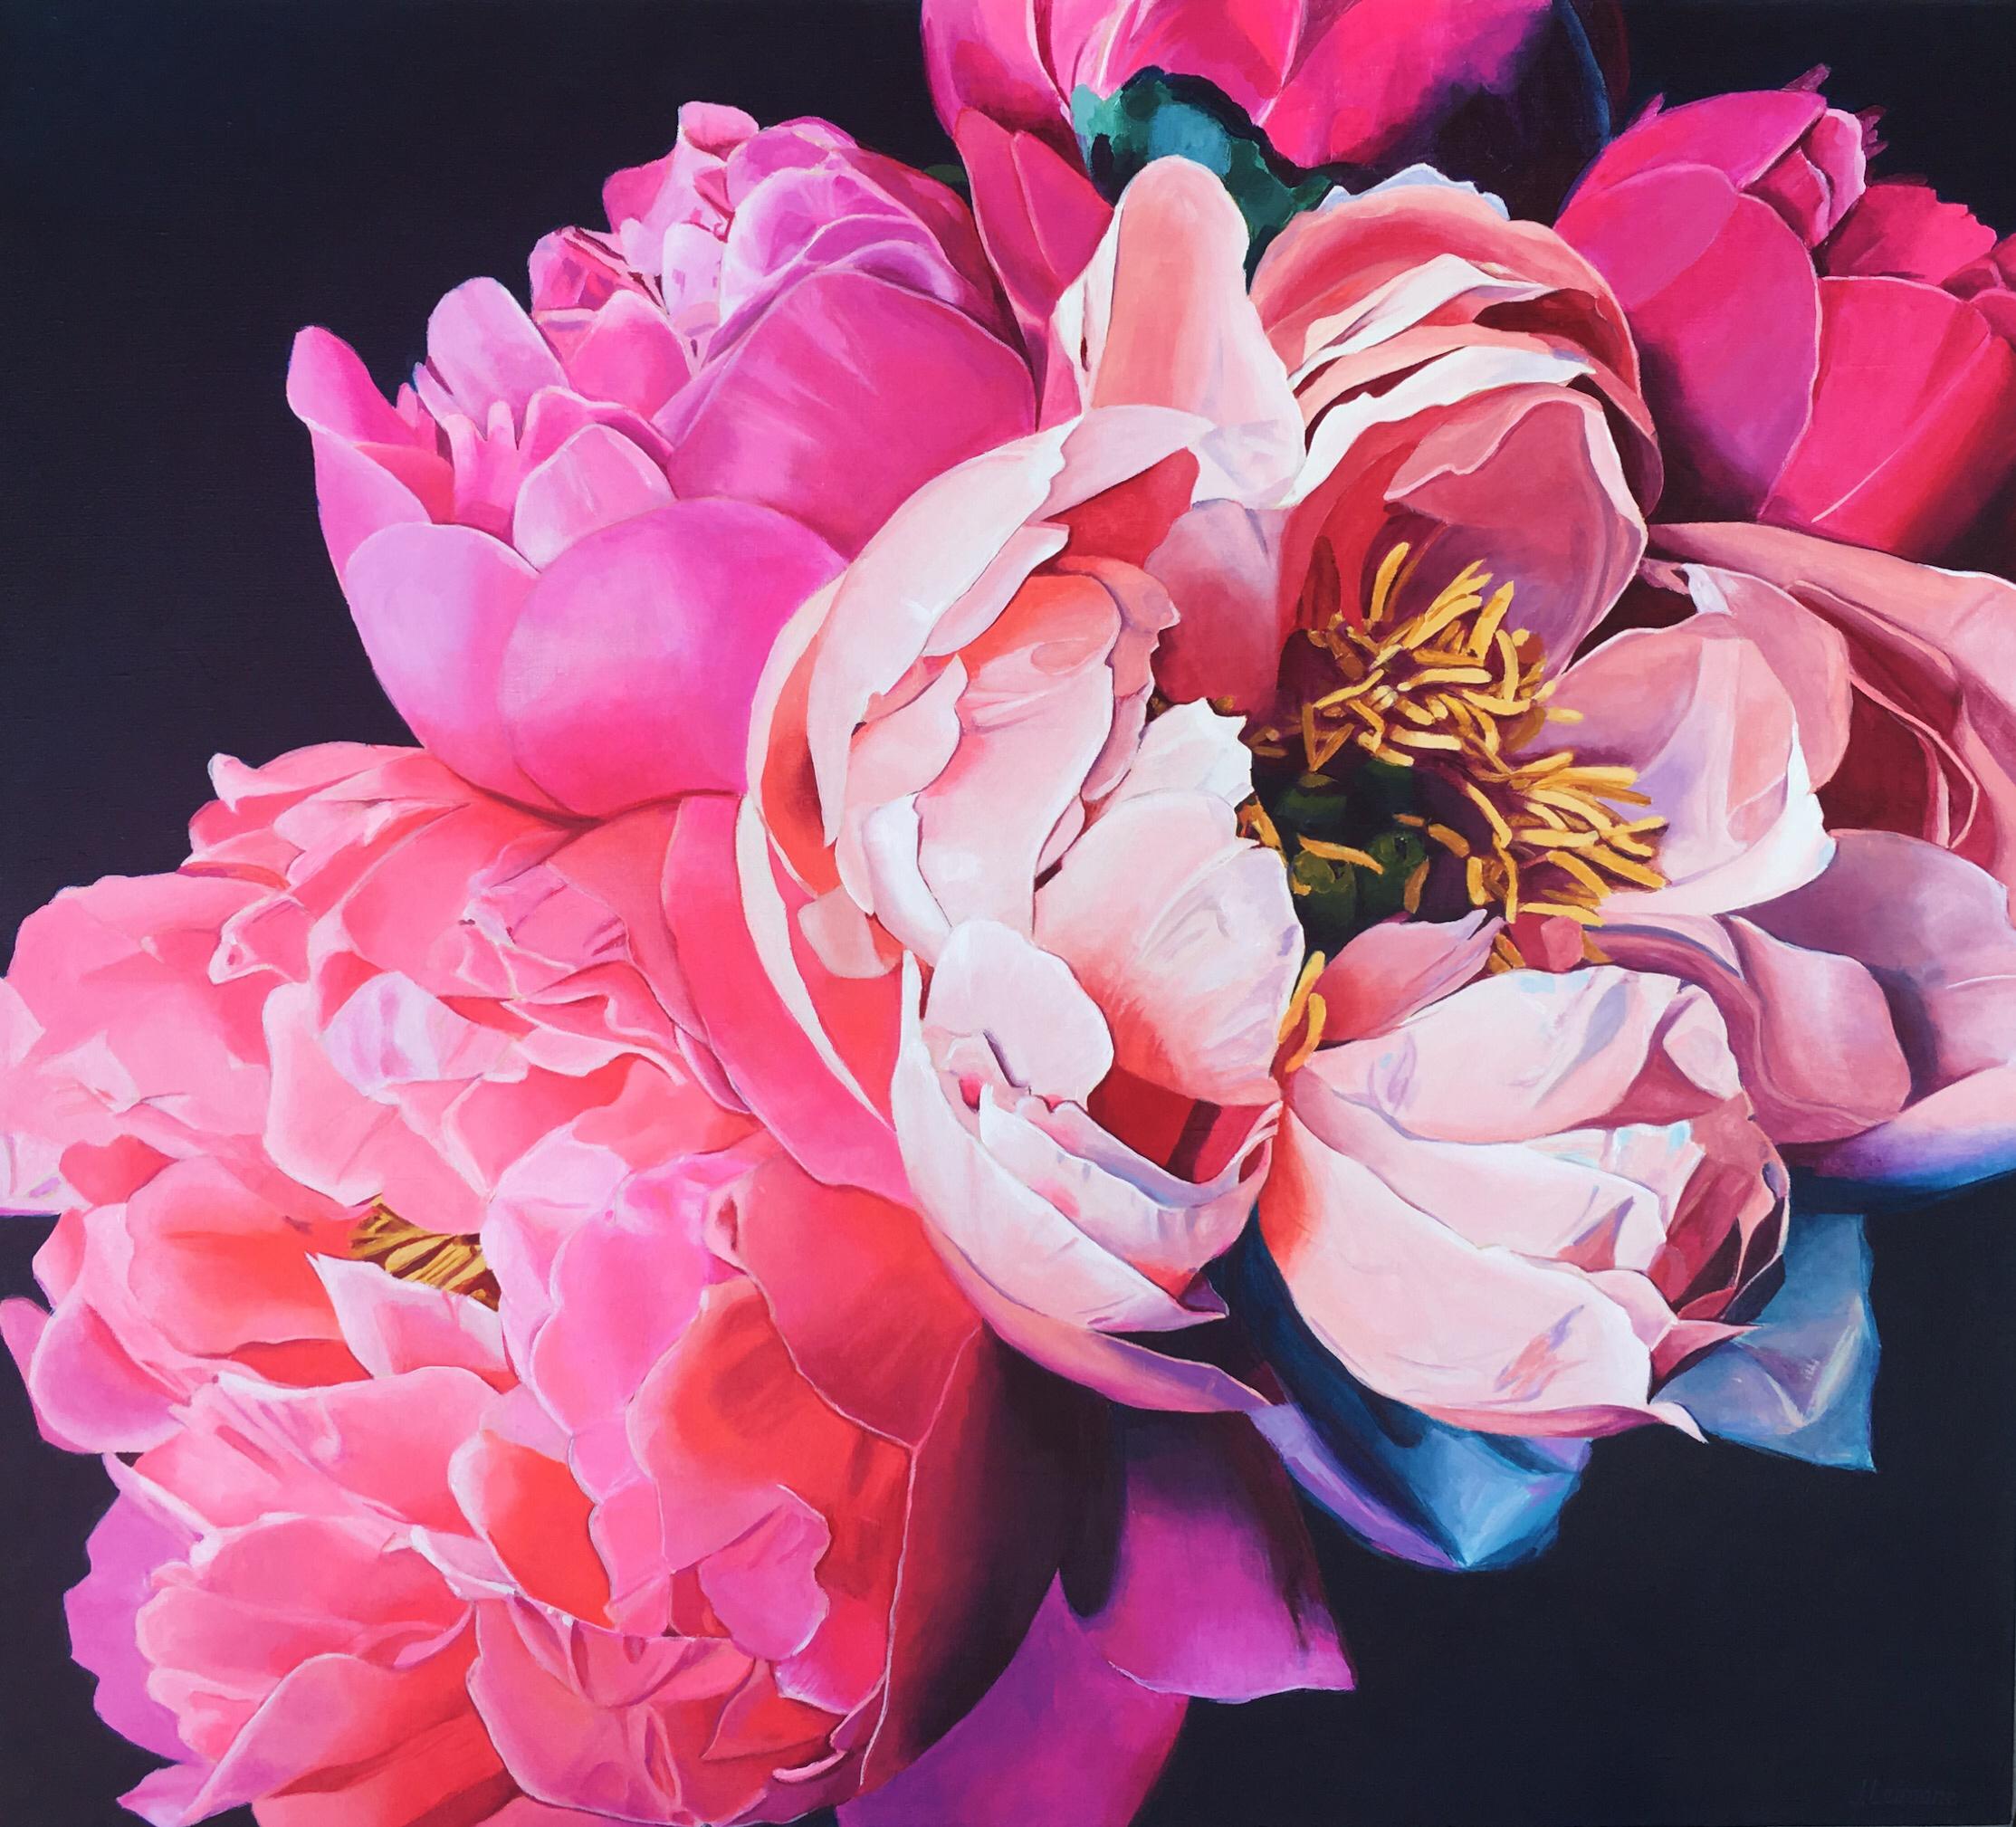 Jana Leimane, Think Pink, Acrylic on canvas, 90 x 100 x 3cm,  https://www.instagram.com/jleimane